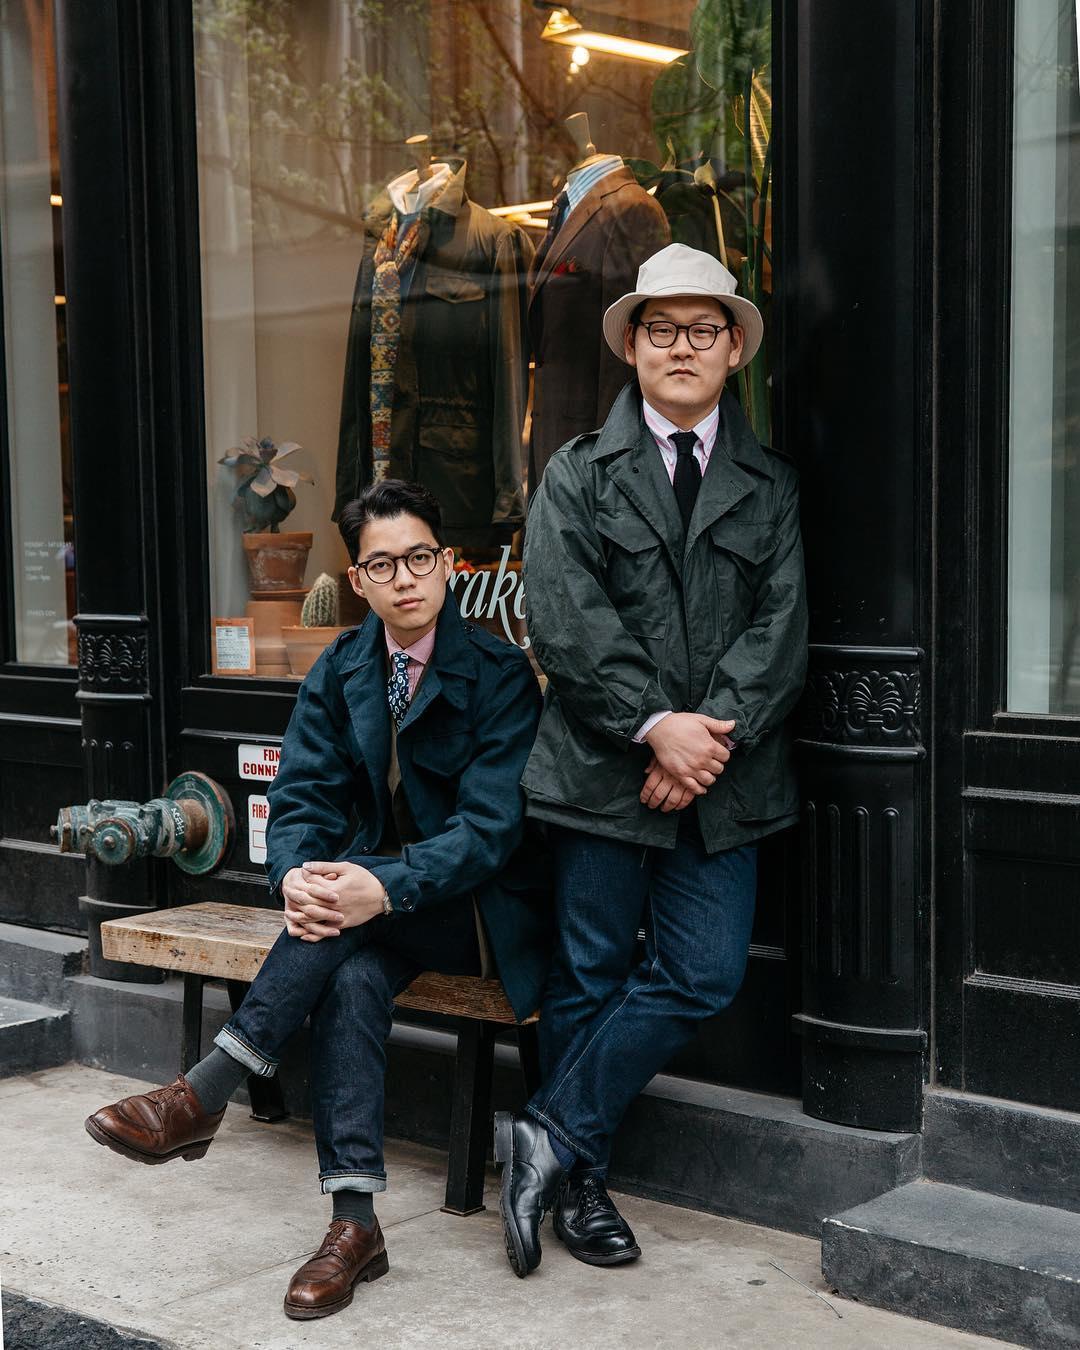 Un derby marron foncé est l'option la plus polyvalente. Ce genre de soulier peut se porter aussi bien avec un jeans qu'avec un pantalon de flanelle. Source : drakesdiary